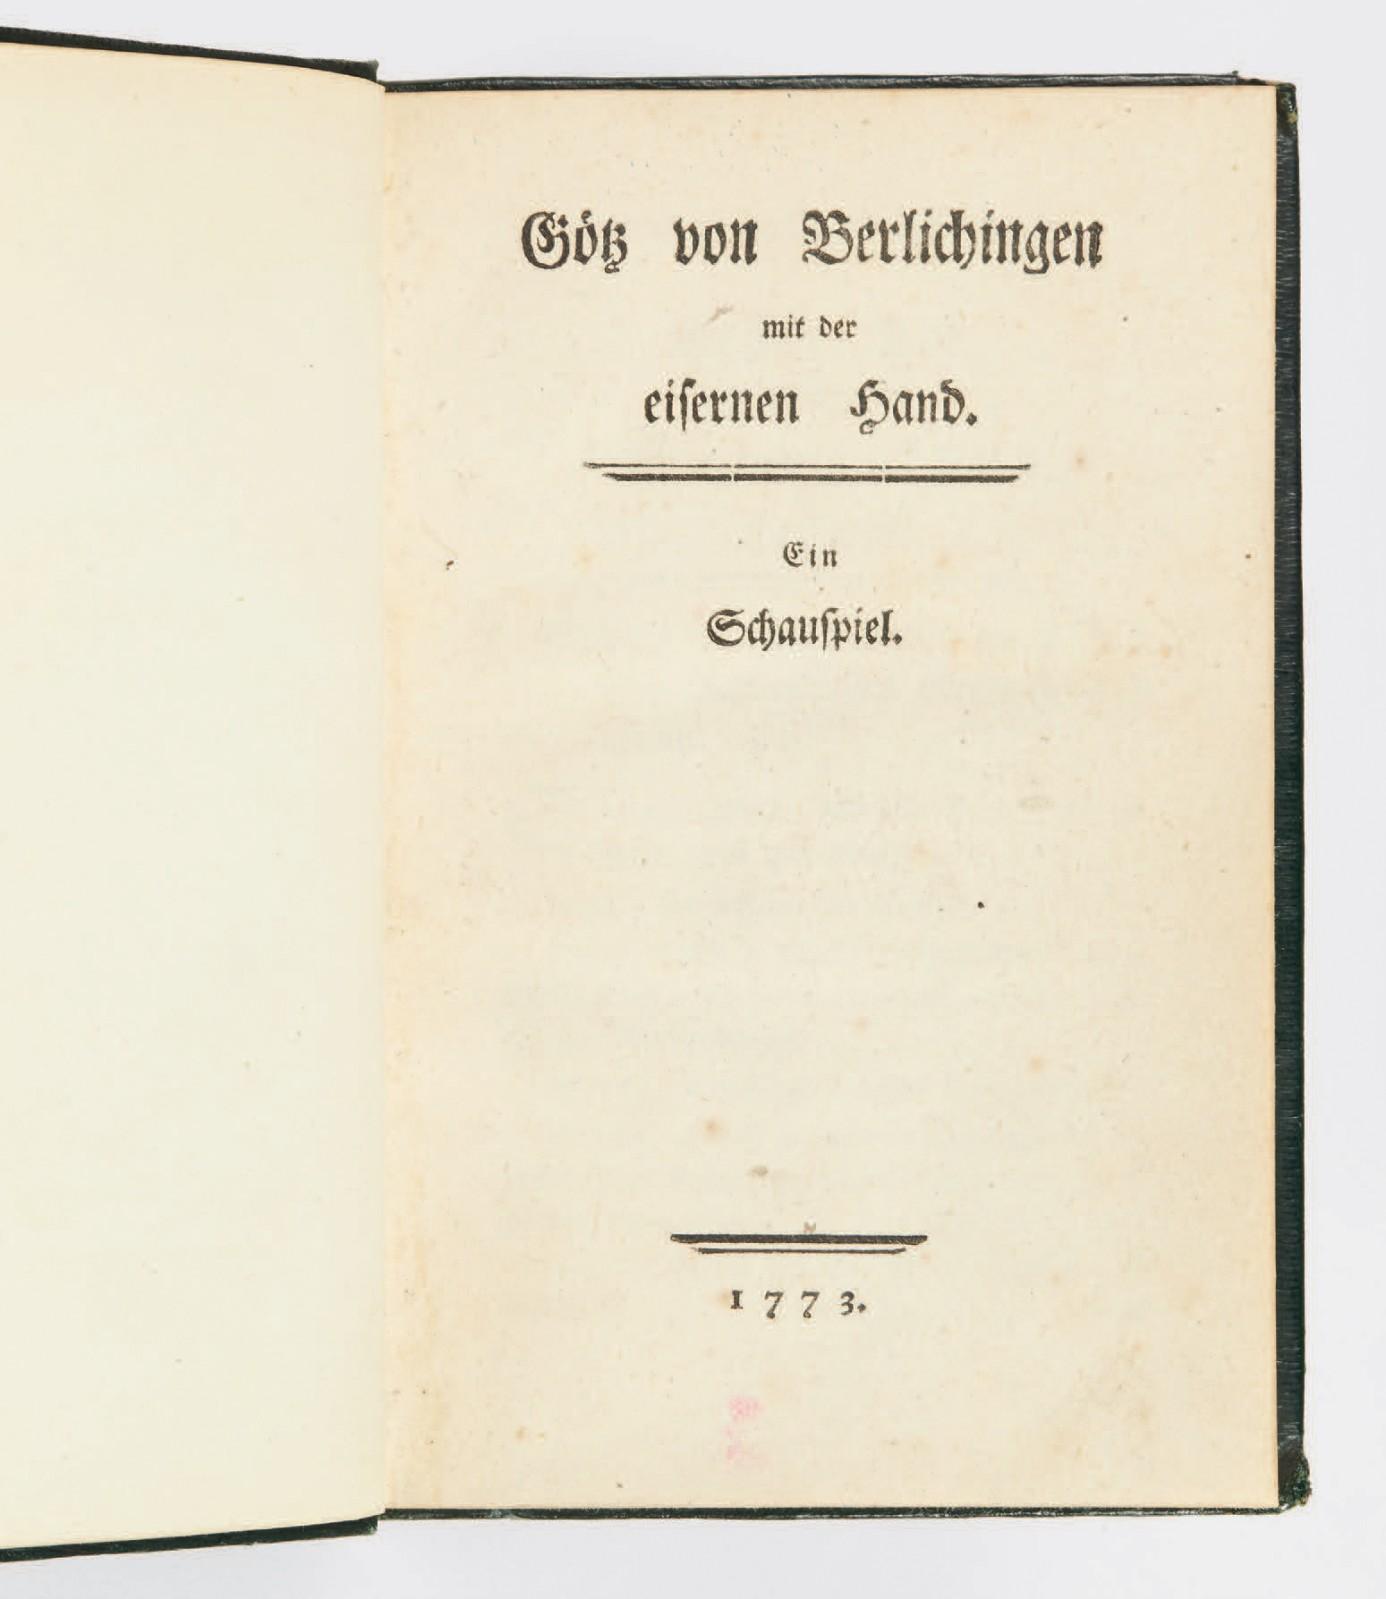 -goethe-johann-wolfgang-von-gotz-von-berlichingen-mit-der-eisernen-hand-ein-schauspiel-sans-lieu-darmstadt-eylau-pour-merck-1773--193